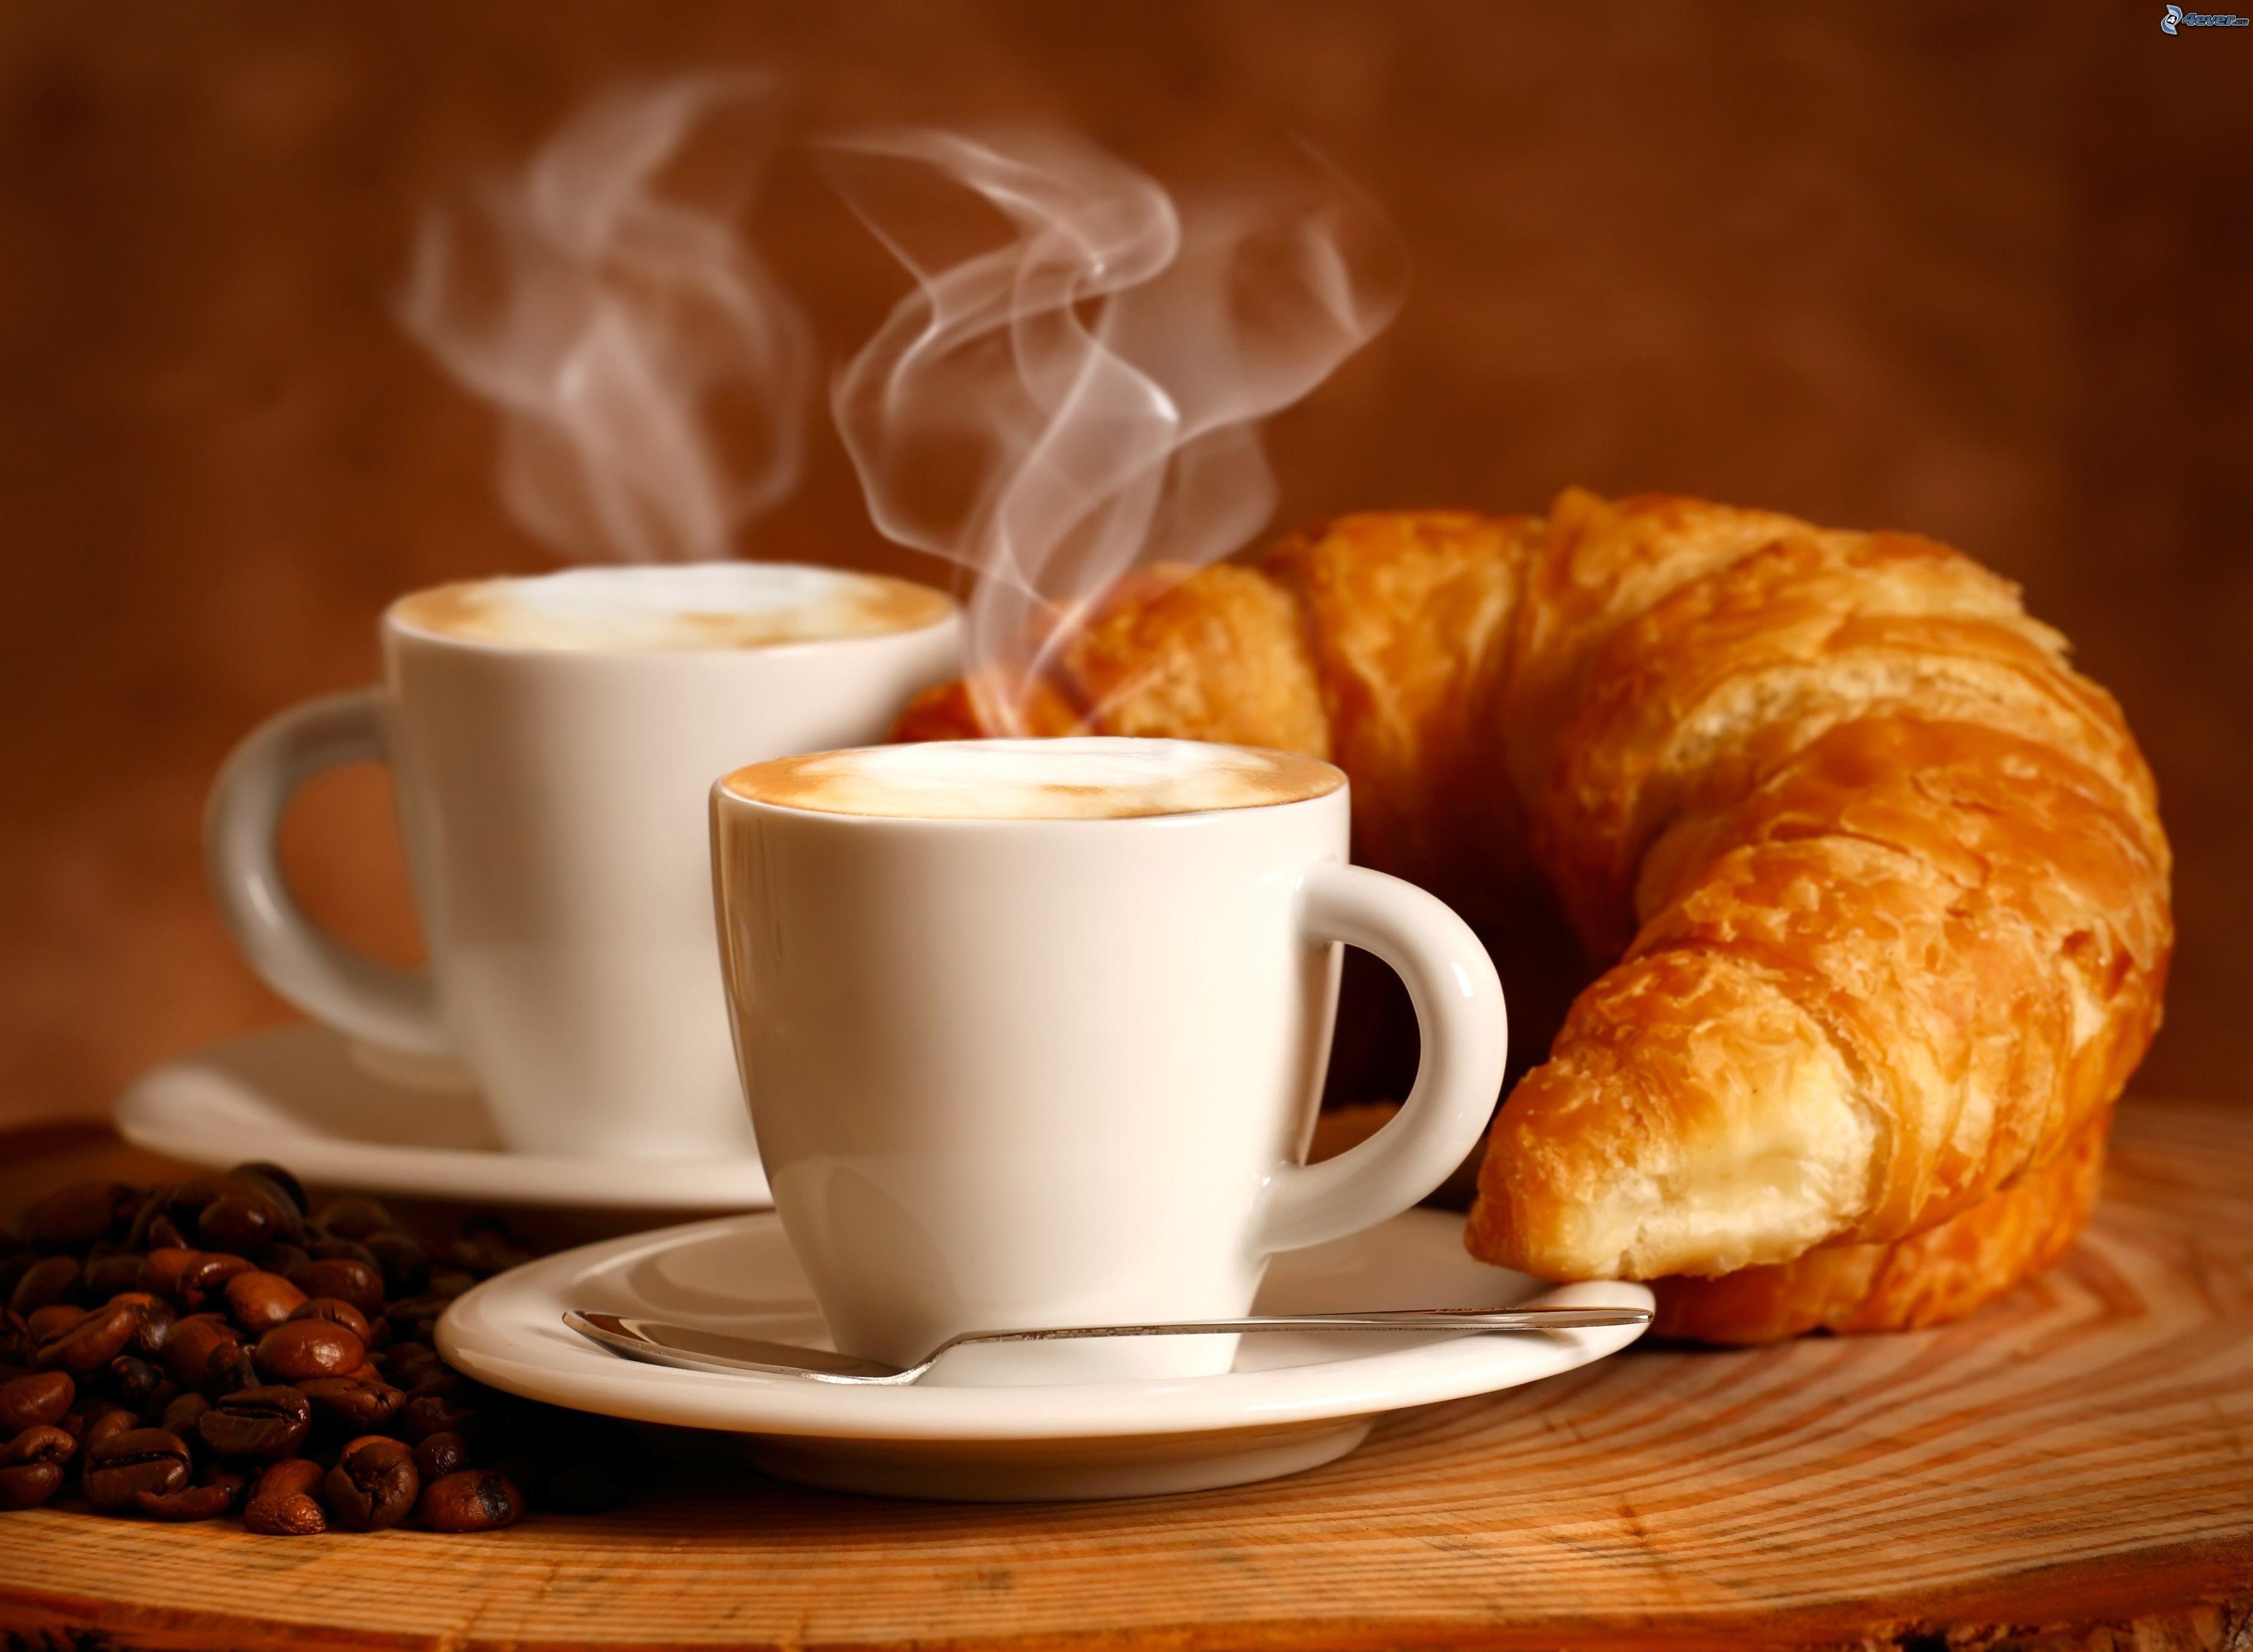 breakfast,-cup-of-coffee,-croissant-199148.jpg